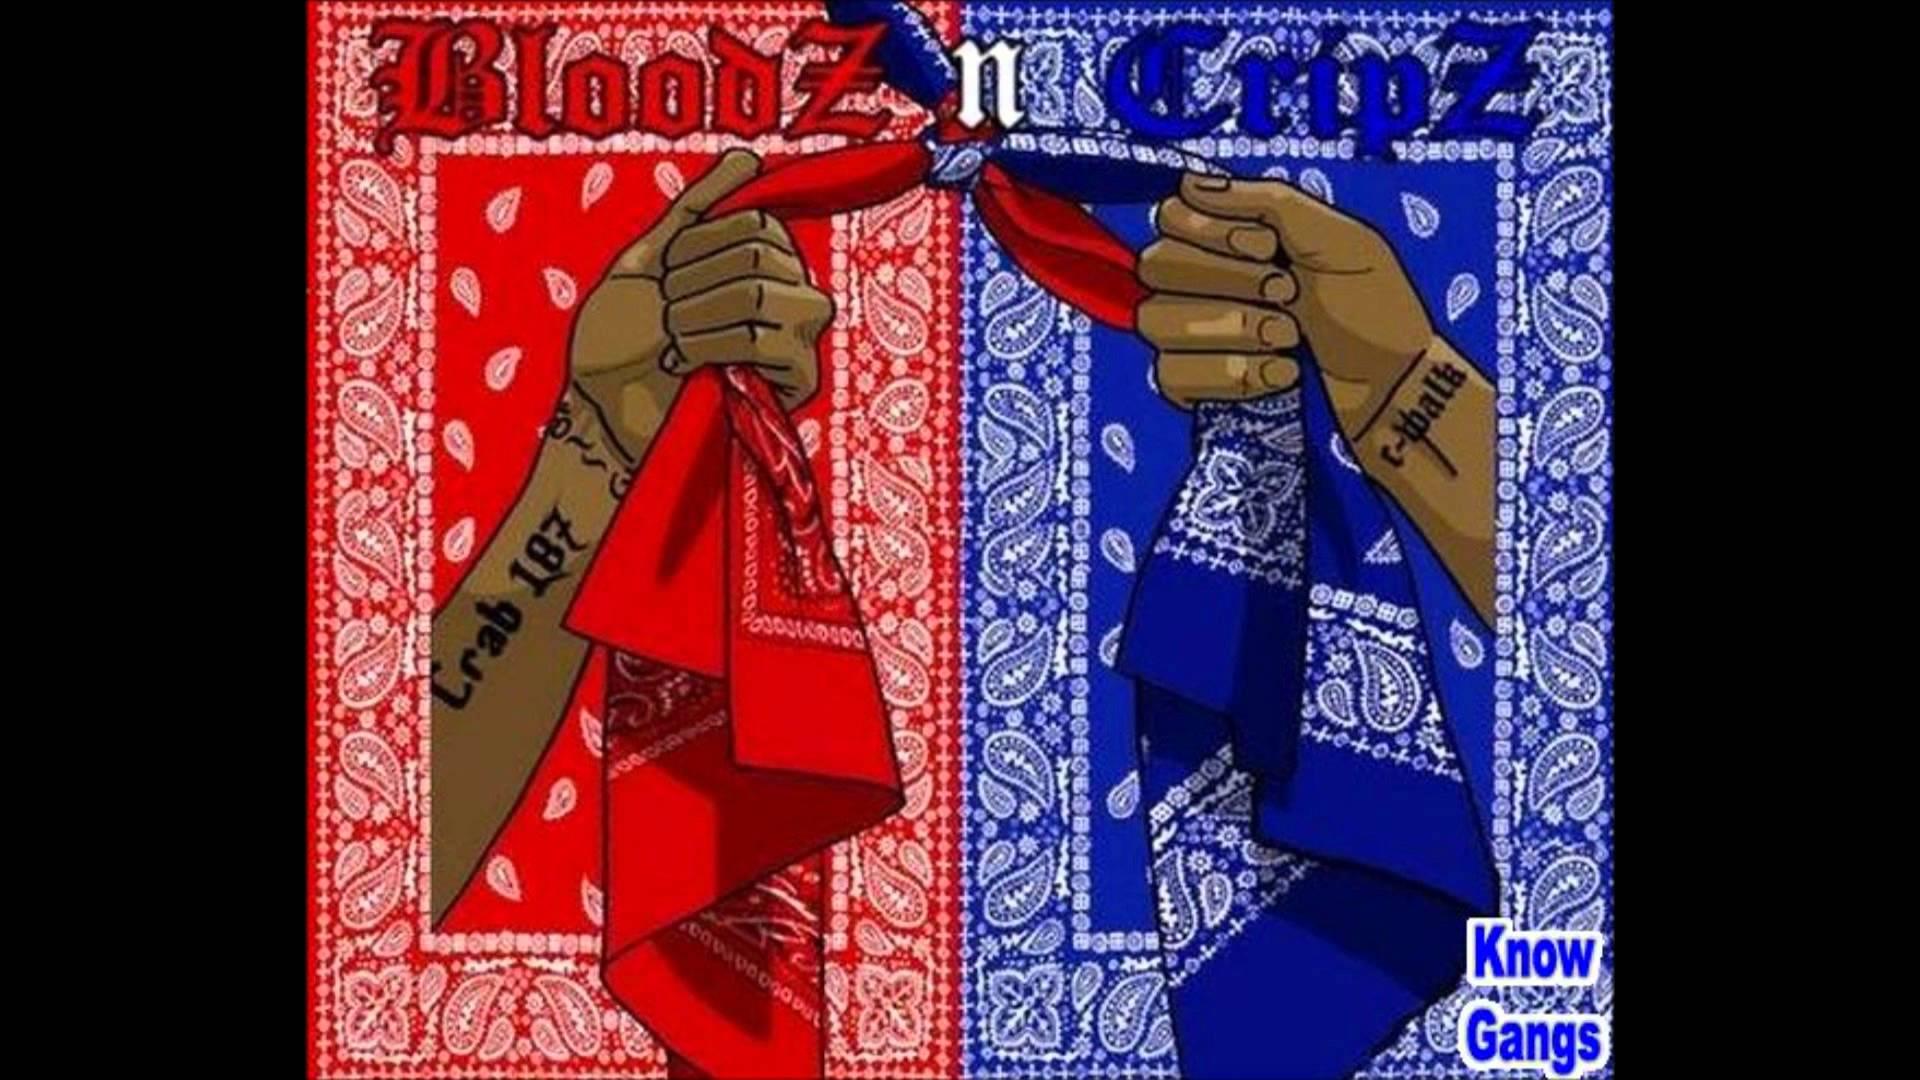 1920x1080 Blood Gang hình nền